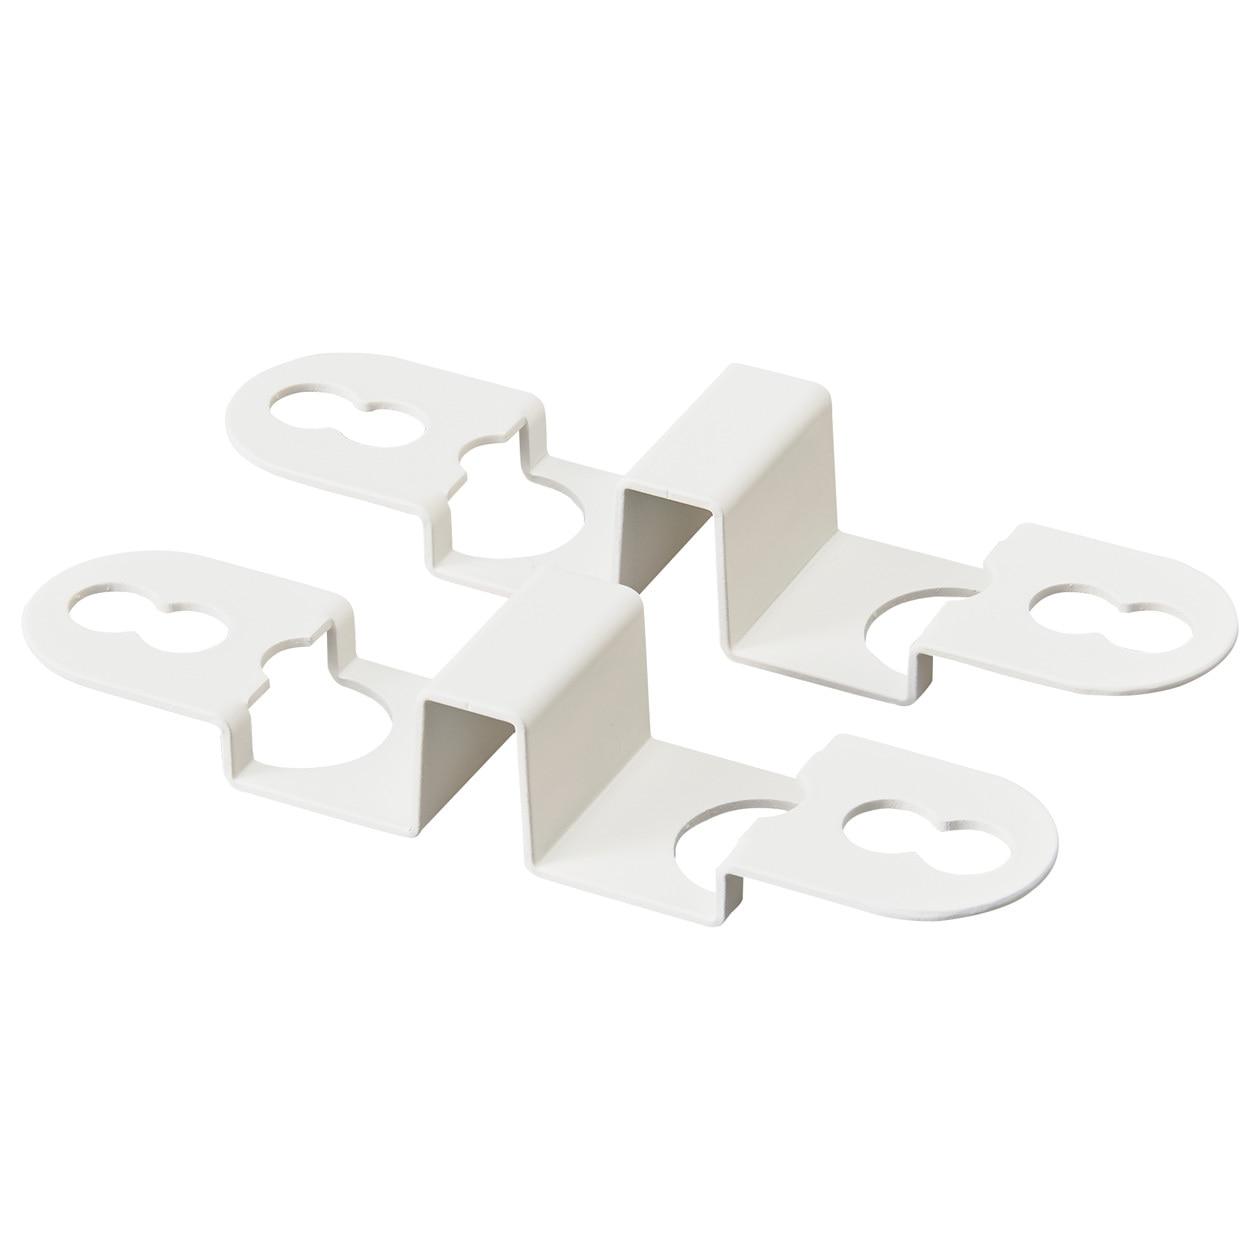 ポリプロピレンケース連結用パーツ・2個セット